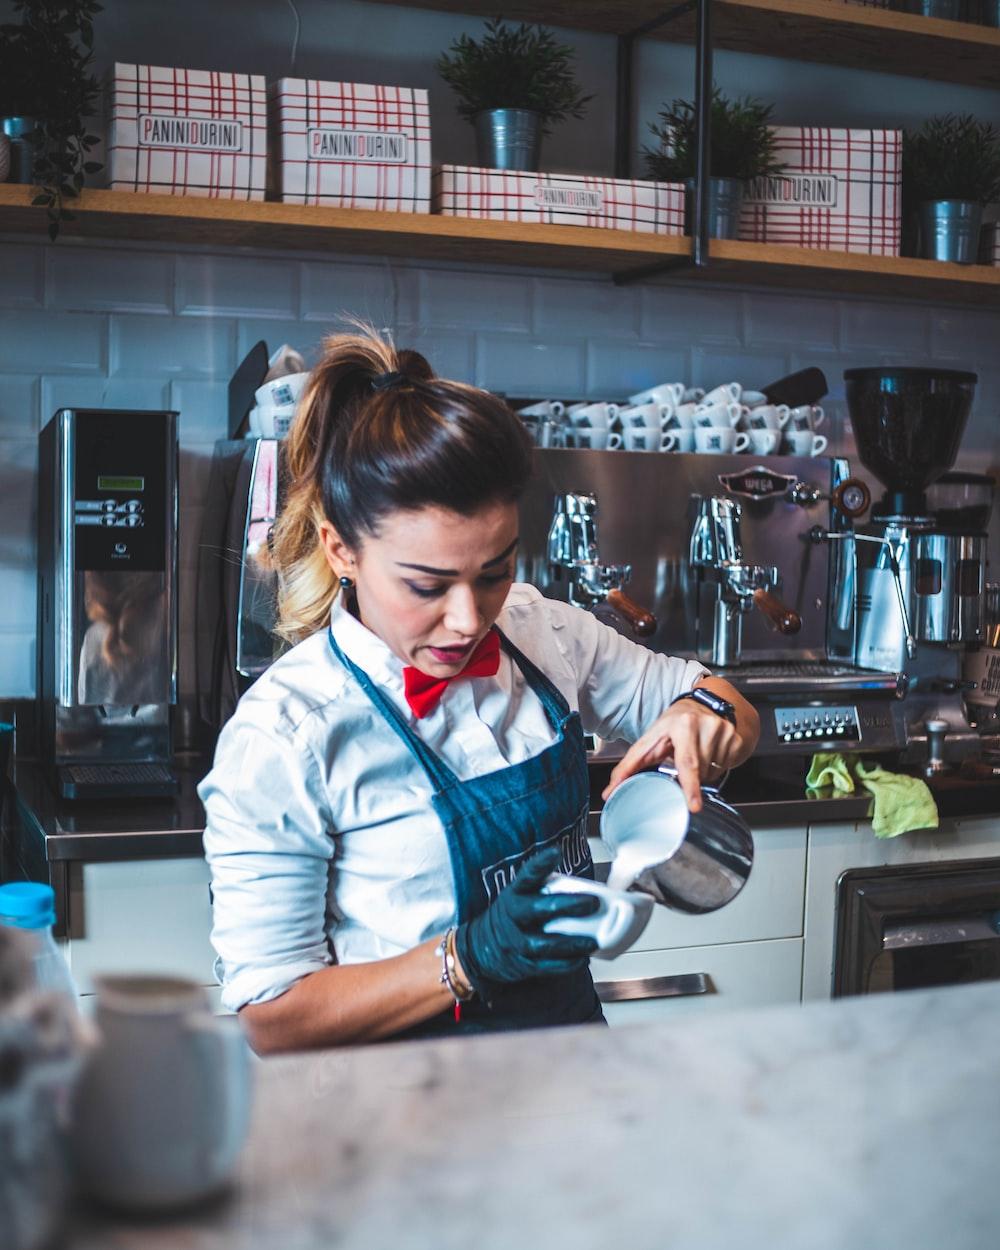 woman pouring liquid on mug